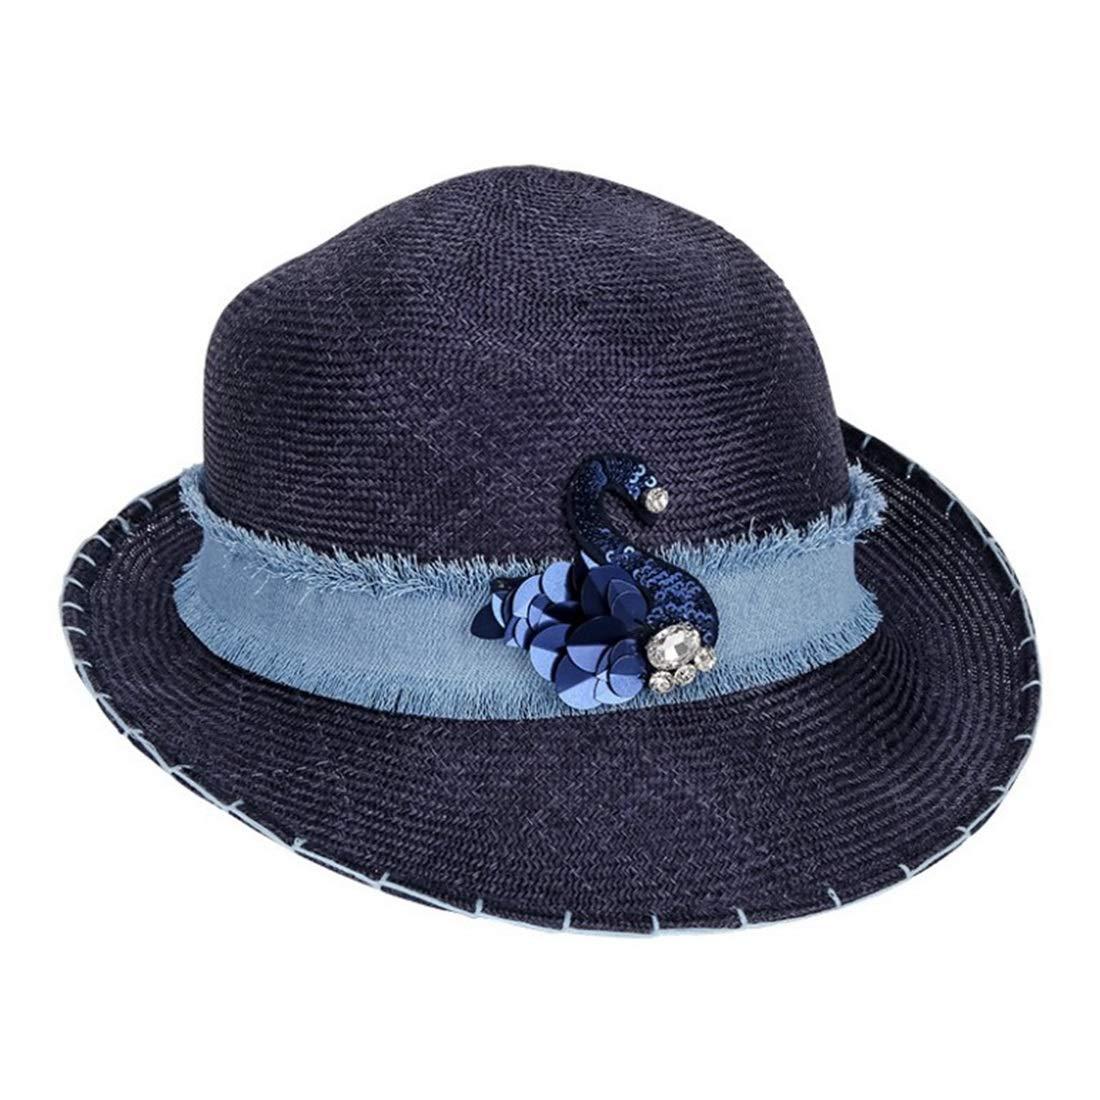 Vfdsvbdv Summer Hat Women's Cool Hat Party Hat (Color : Dark Blue, Size : One Size) by Vfdsvbdv